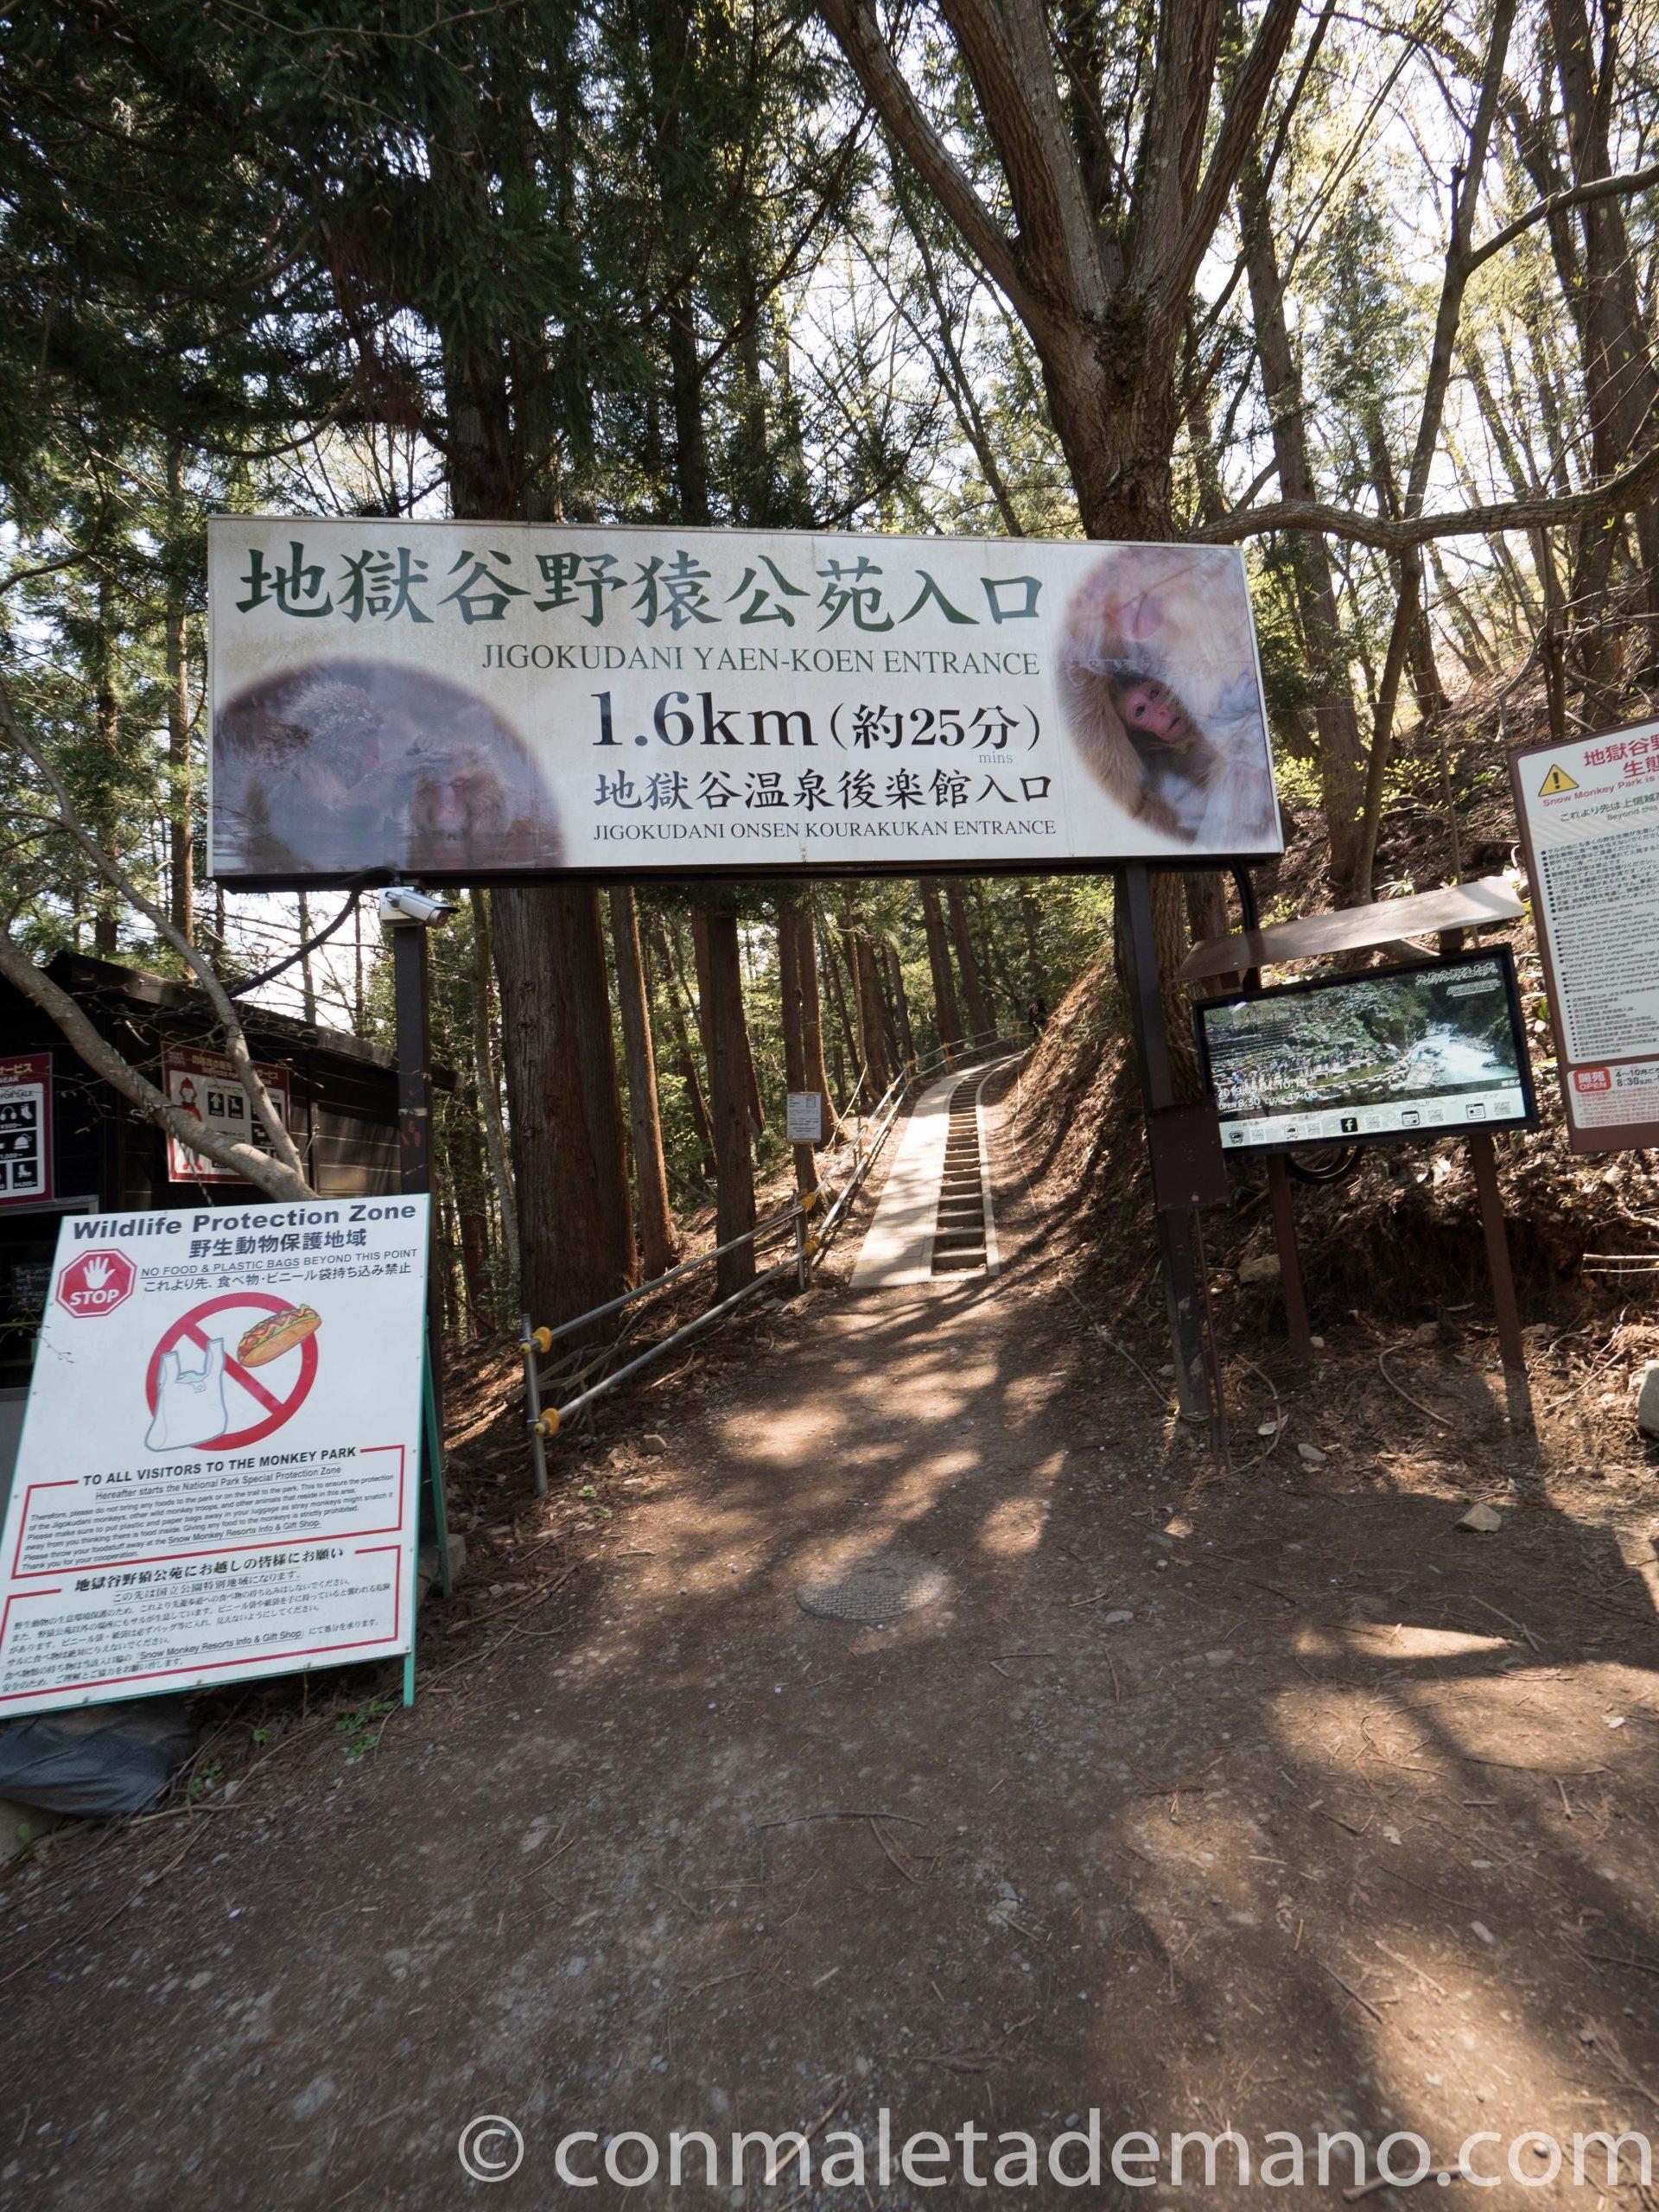 Acceso al camino que lleva a Jigokudani